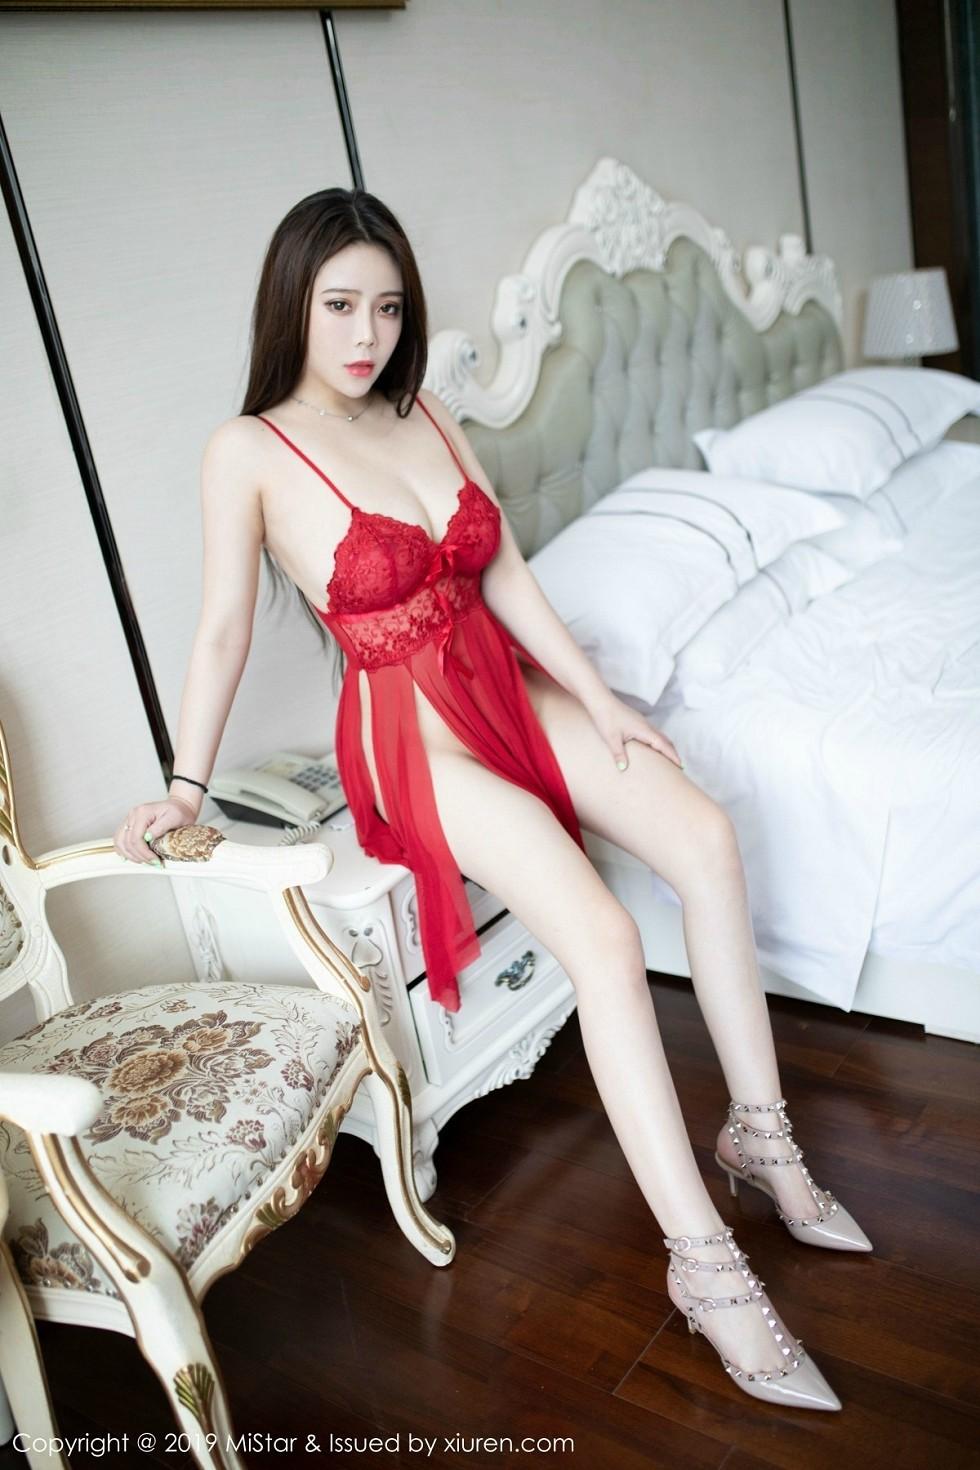 嫩模Miki兔私房红色薄纱内衣半脱露傲人豪乳极致诱惑无圣光写真30P